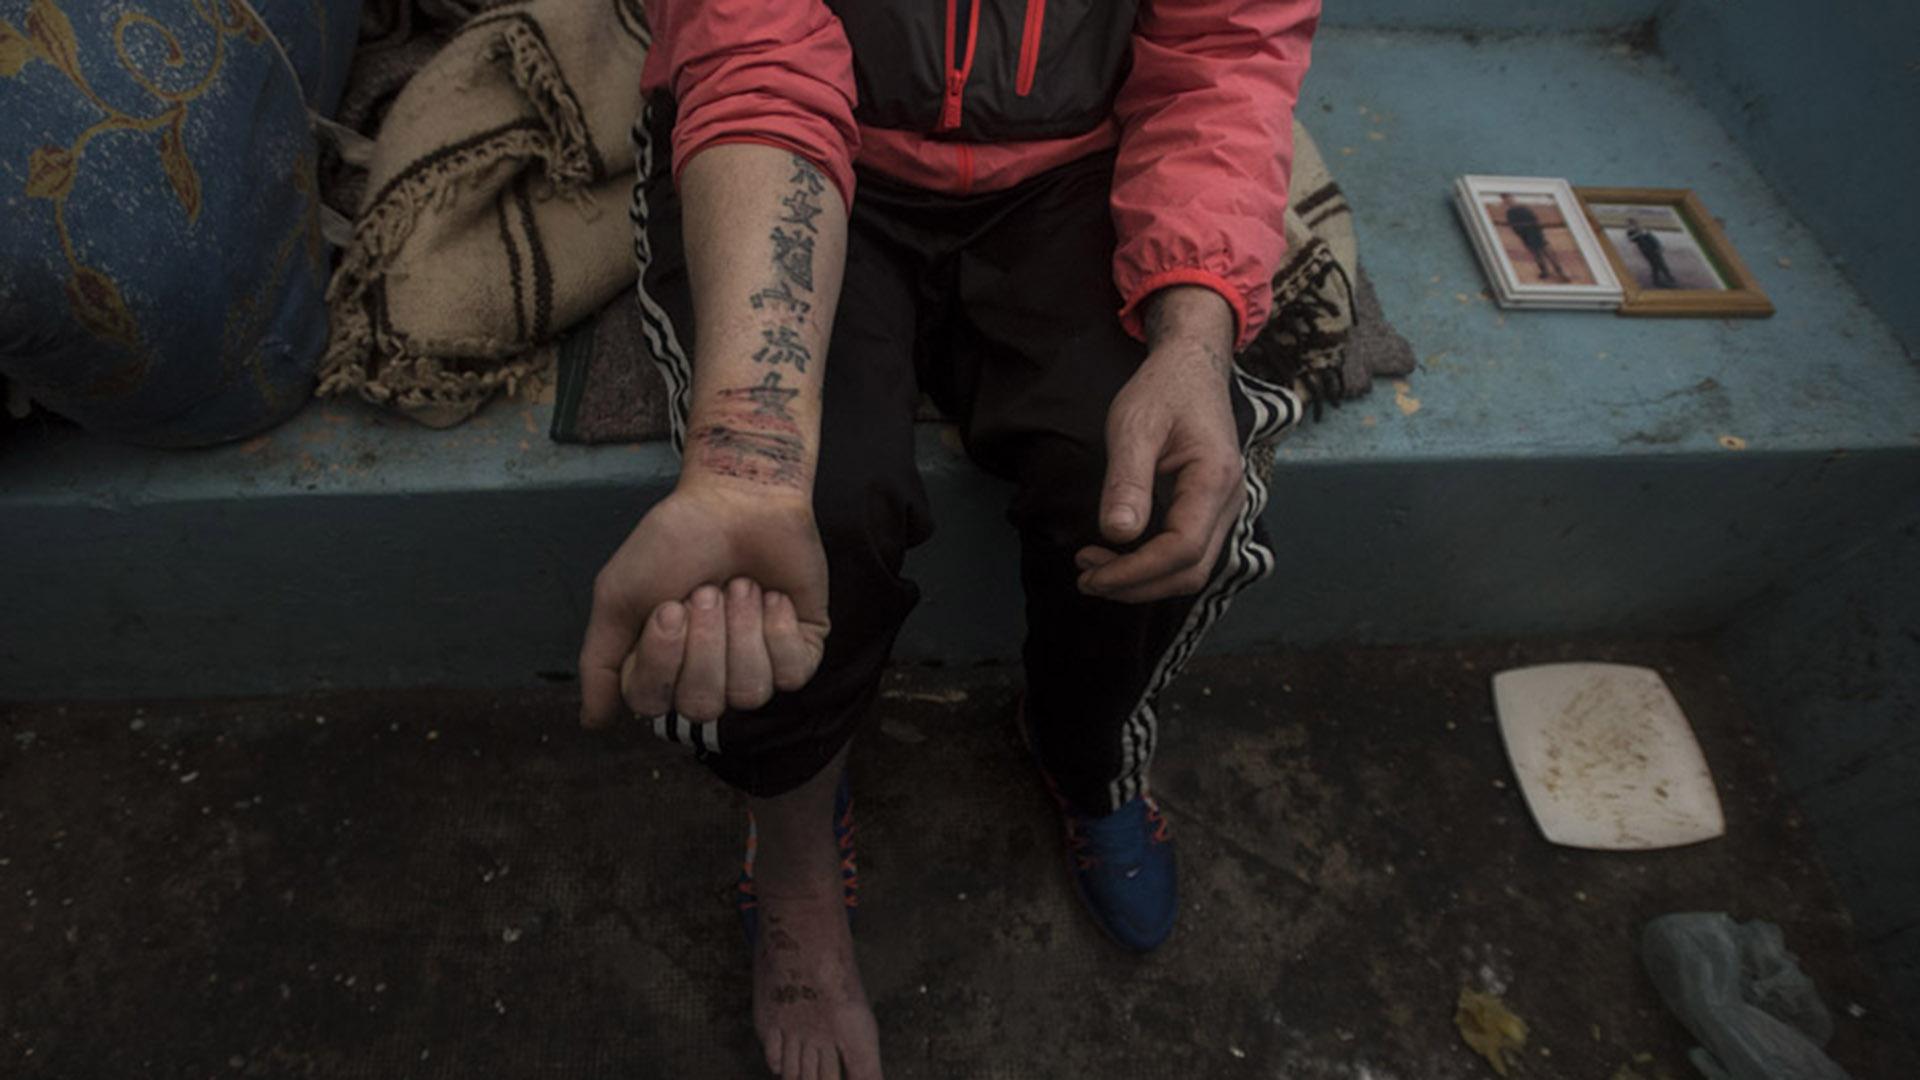 Este detenido se laceró la muñeca para recibir ayuda al oír la visita de la Procuvin.